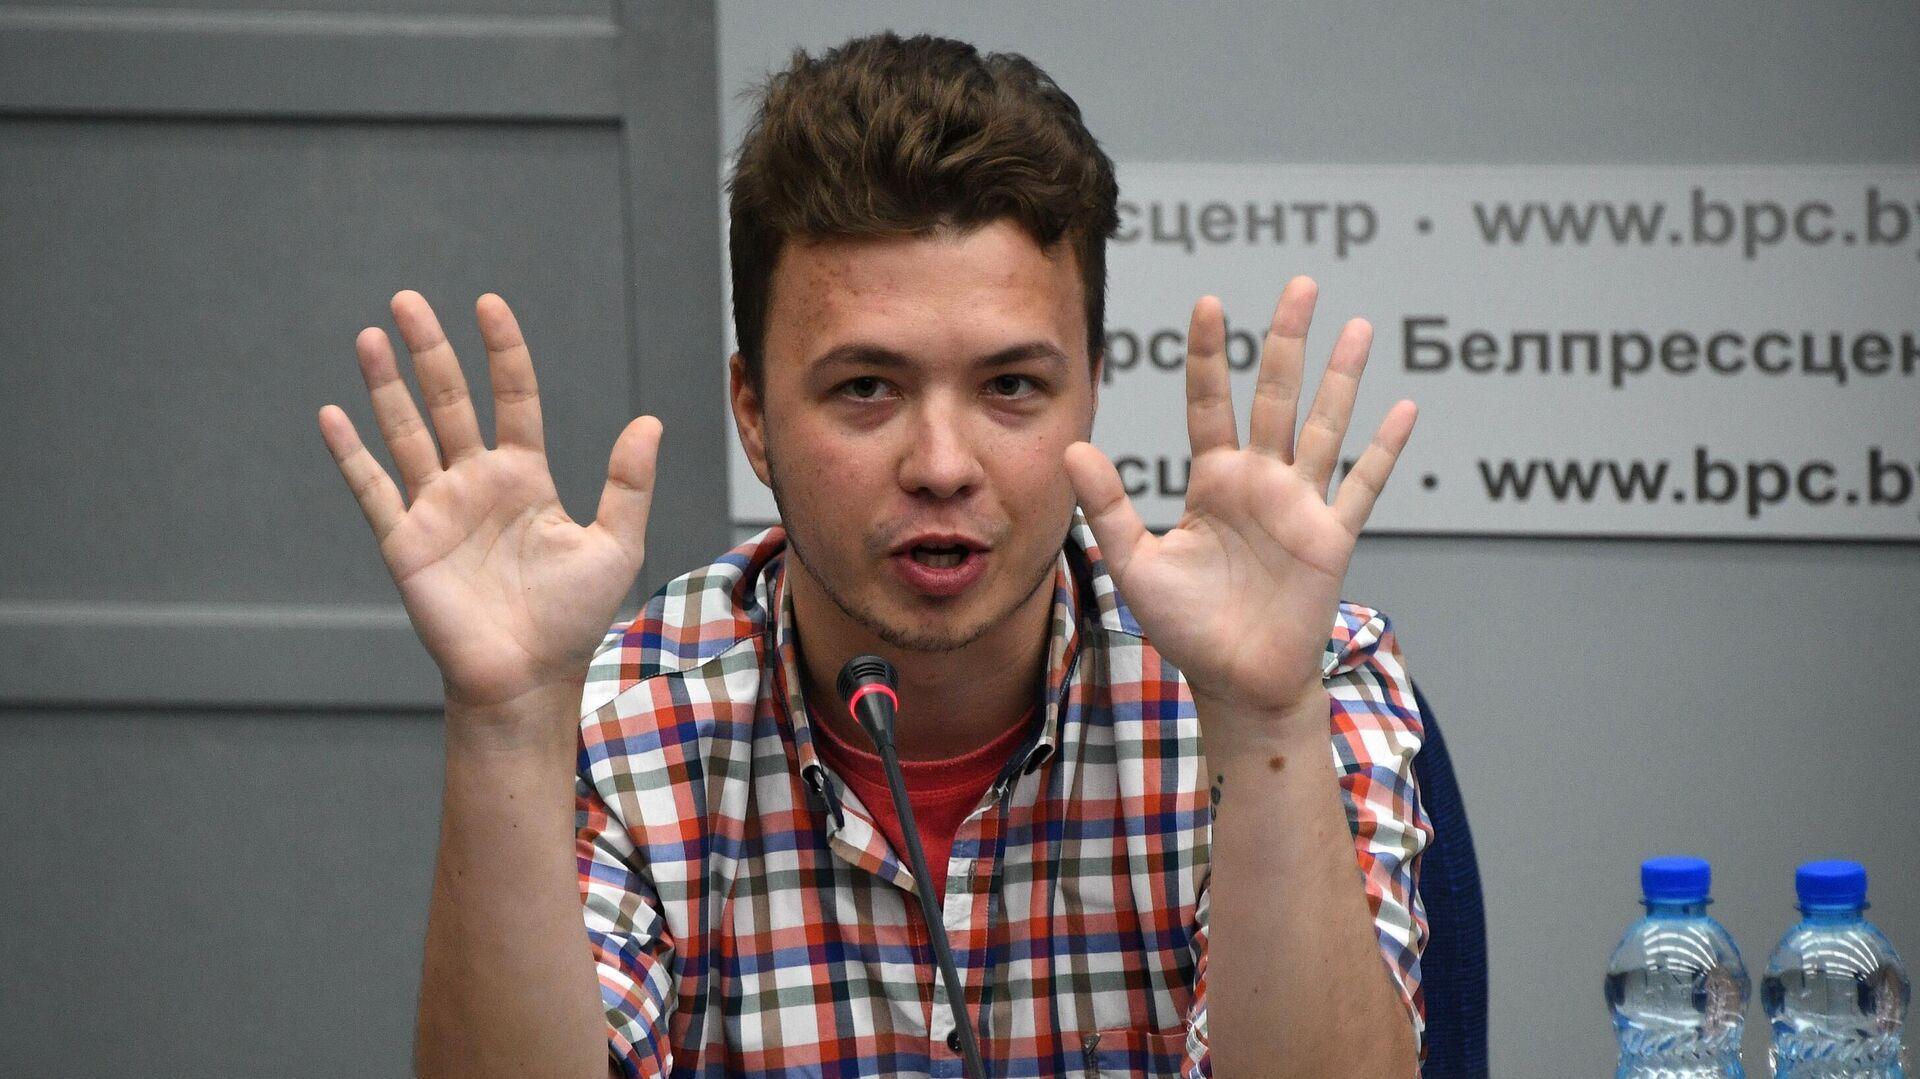 Роман Протасевич принимает участие в пресс-конференции в Минске  - РИА Новости, 1920, 07.07.2021